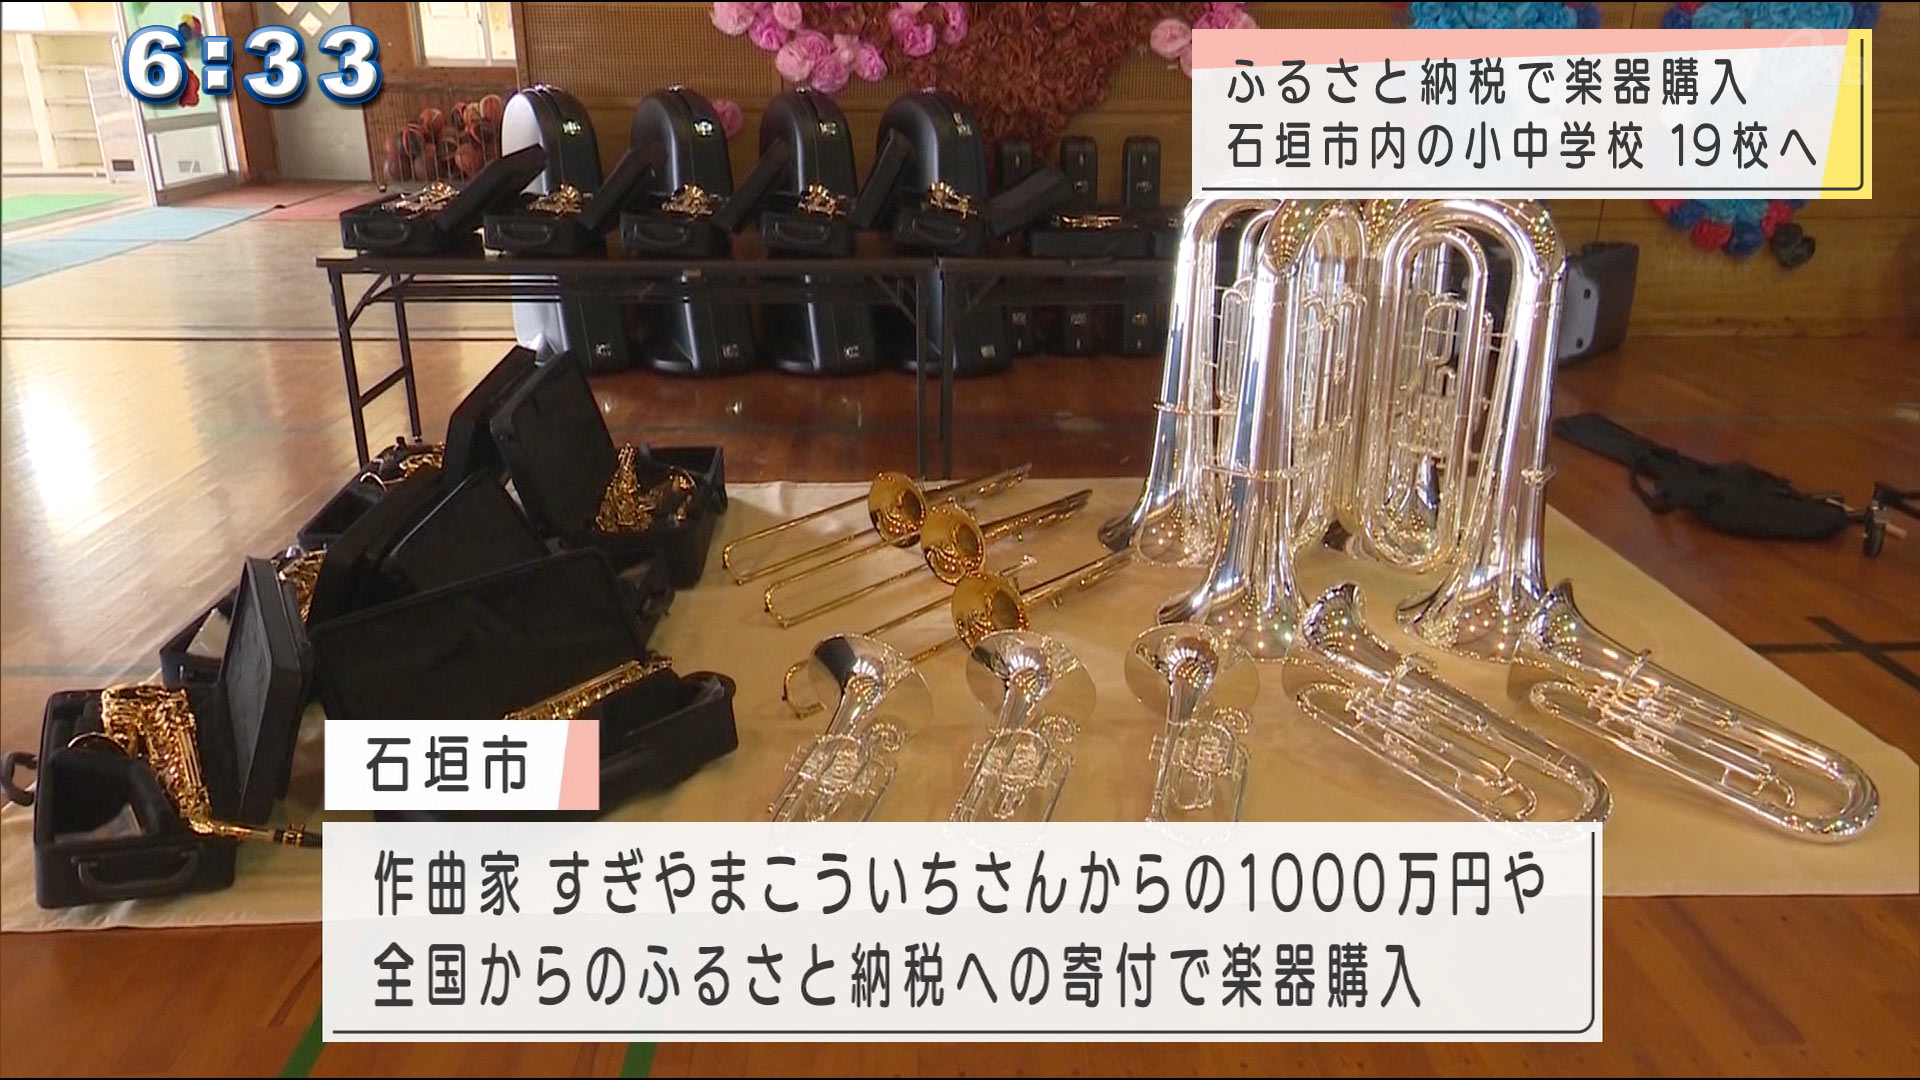 石垣島の小中学校へふるさと納税で楽器を寄付